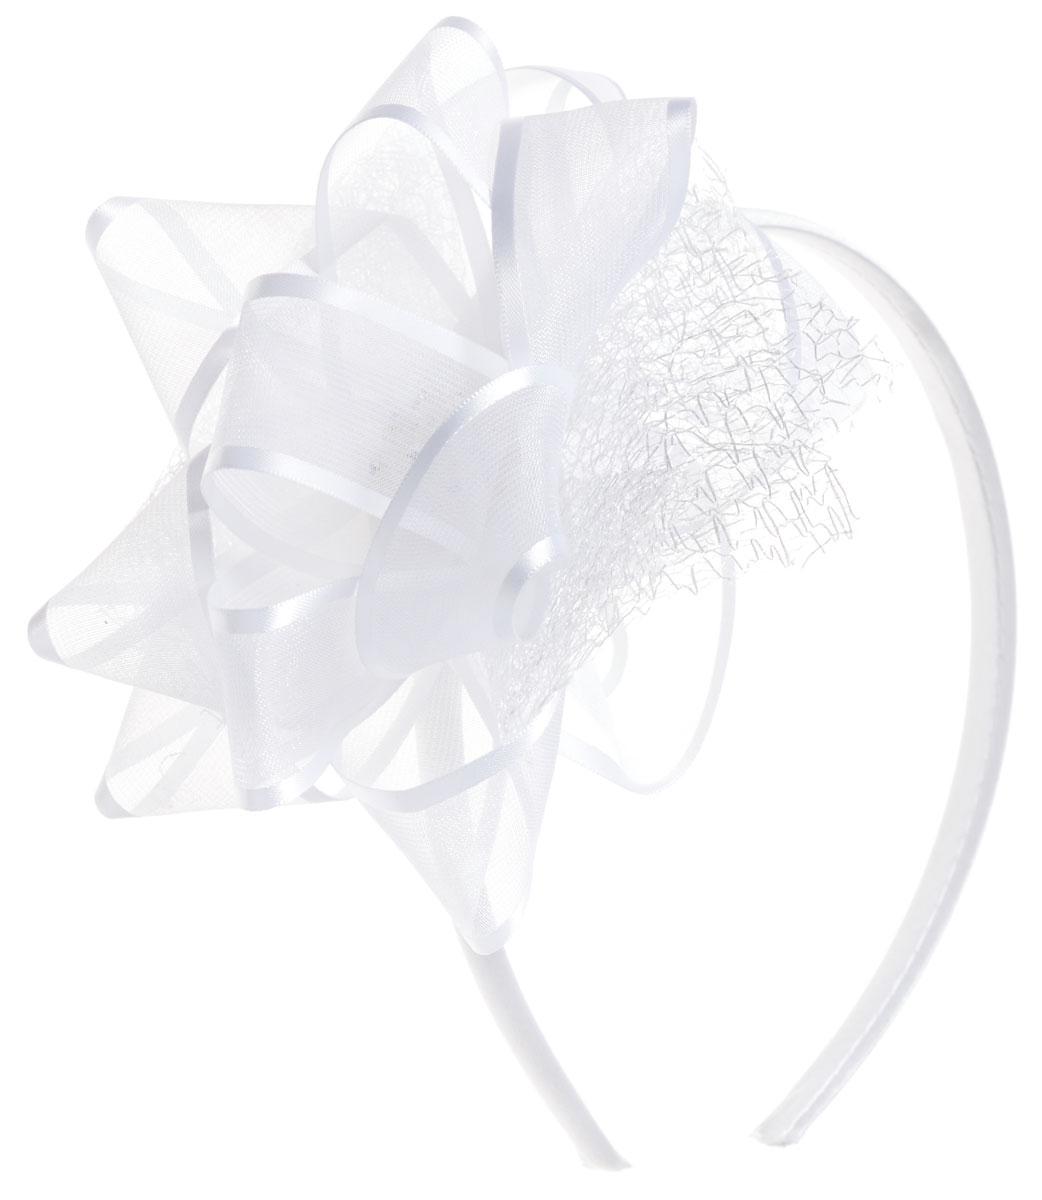 Babys Joy Ободок для волос со стразами цвет белый K 15K 15_белыйОбодок для волос Babys Joy со стразами, выполненный из пластика, обтянут атласной тканью и оформлен декоративным элементом в виде банта из органзы. Центр банта украшен перламутровым пластиковым цветком со стразами. Ободок позволяет не только убрать непослушные волосы со лба, но и придать образу романтичности и очарования.